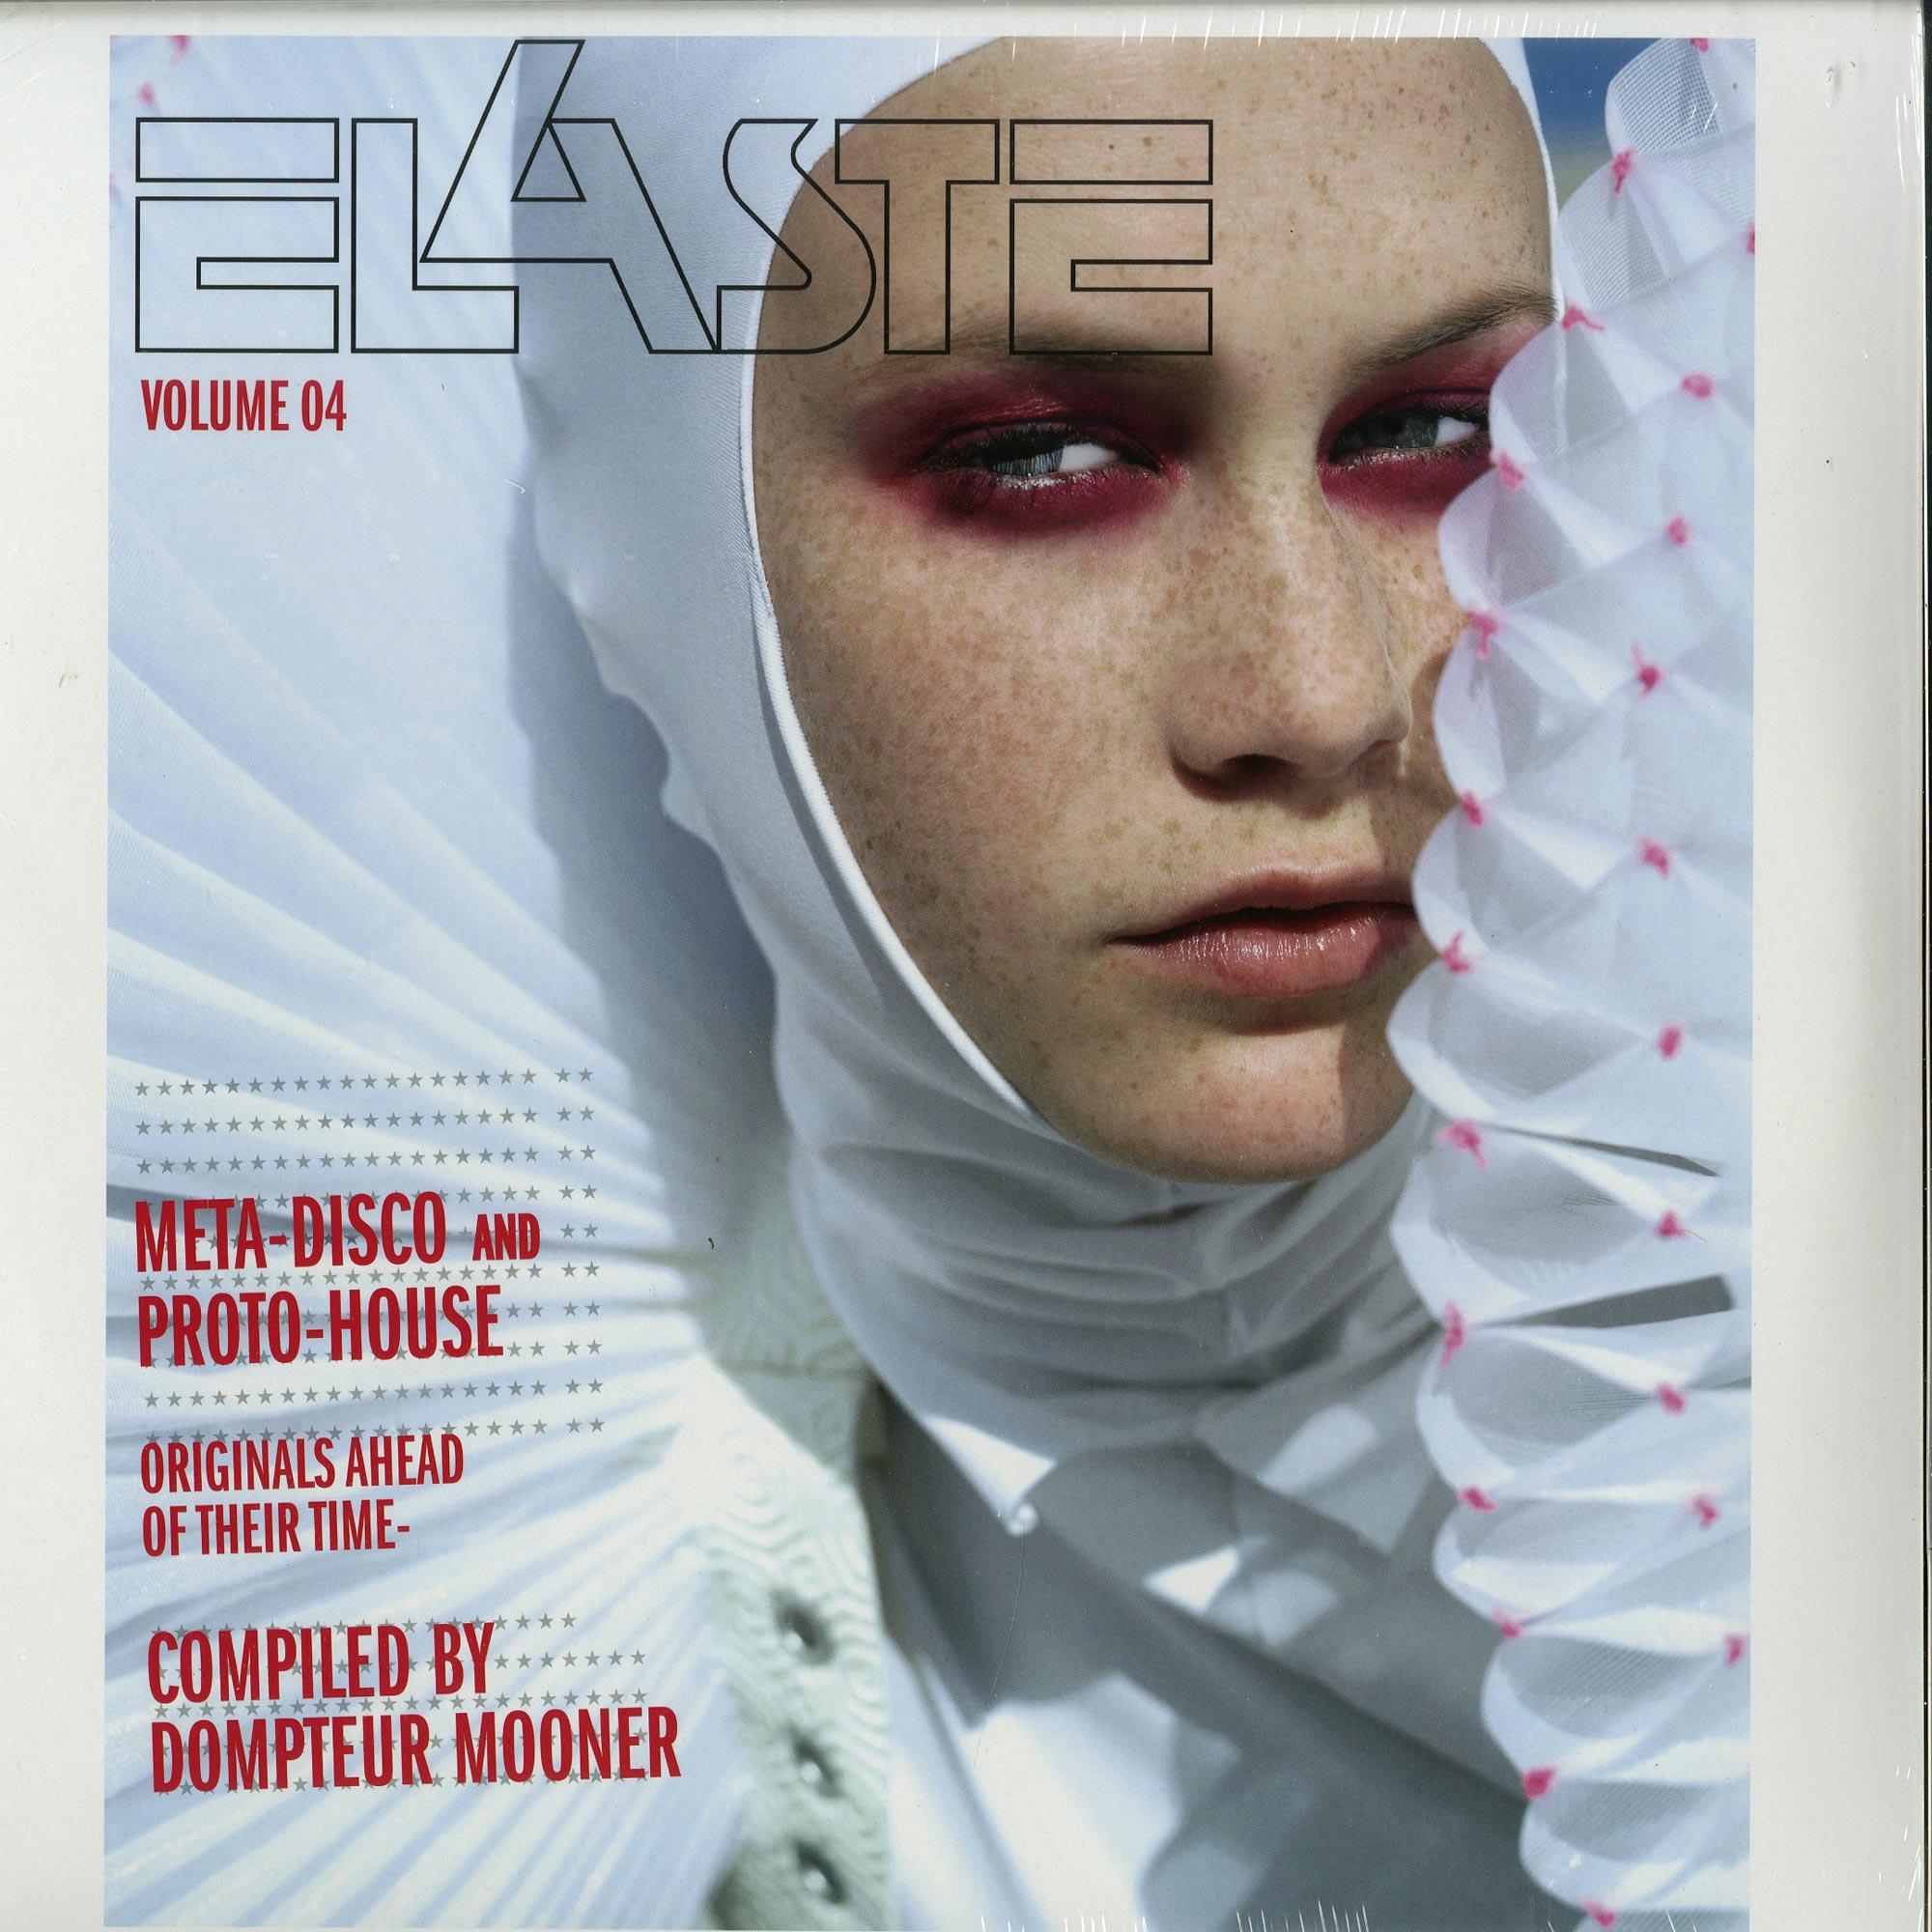 Various Artists - ELASTE VOL. 4 - META-DISCO & PROTO-HOUSE